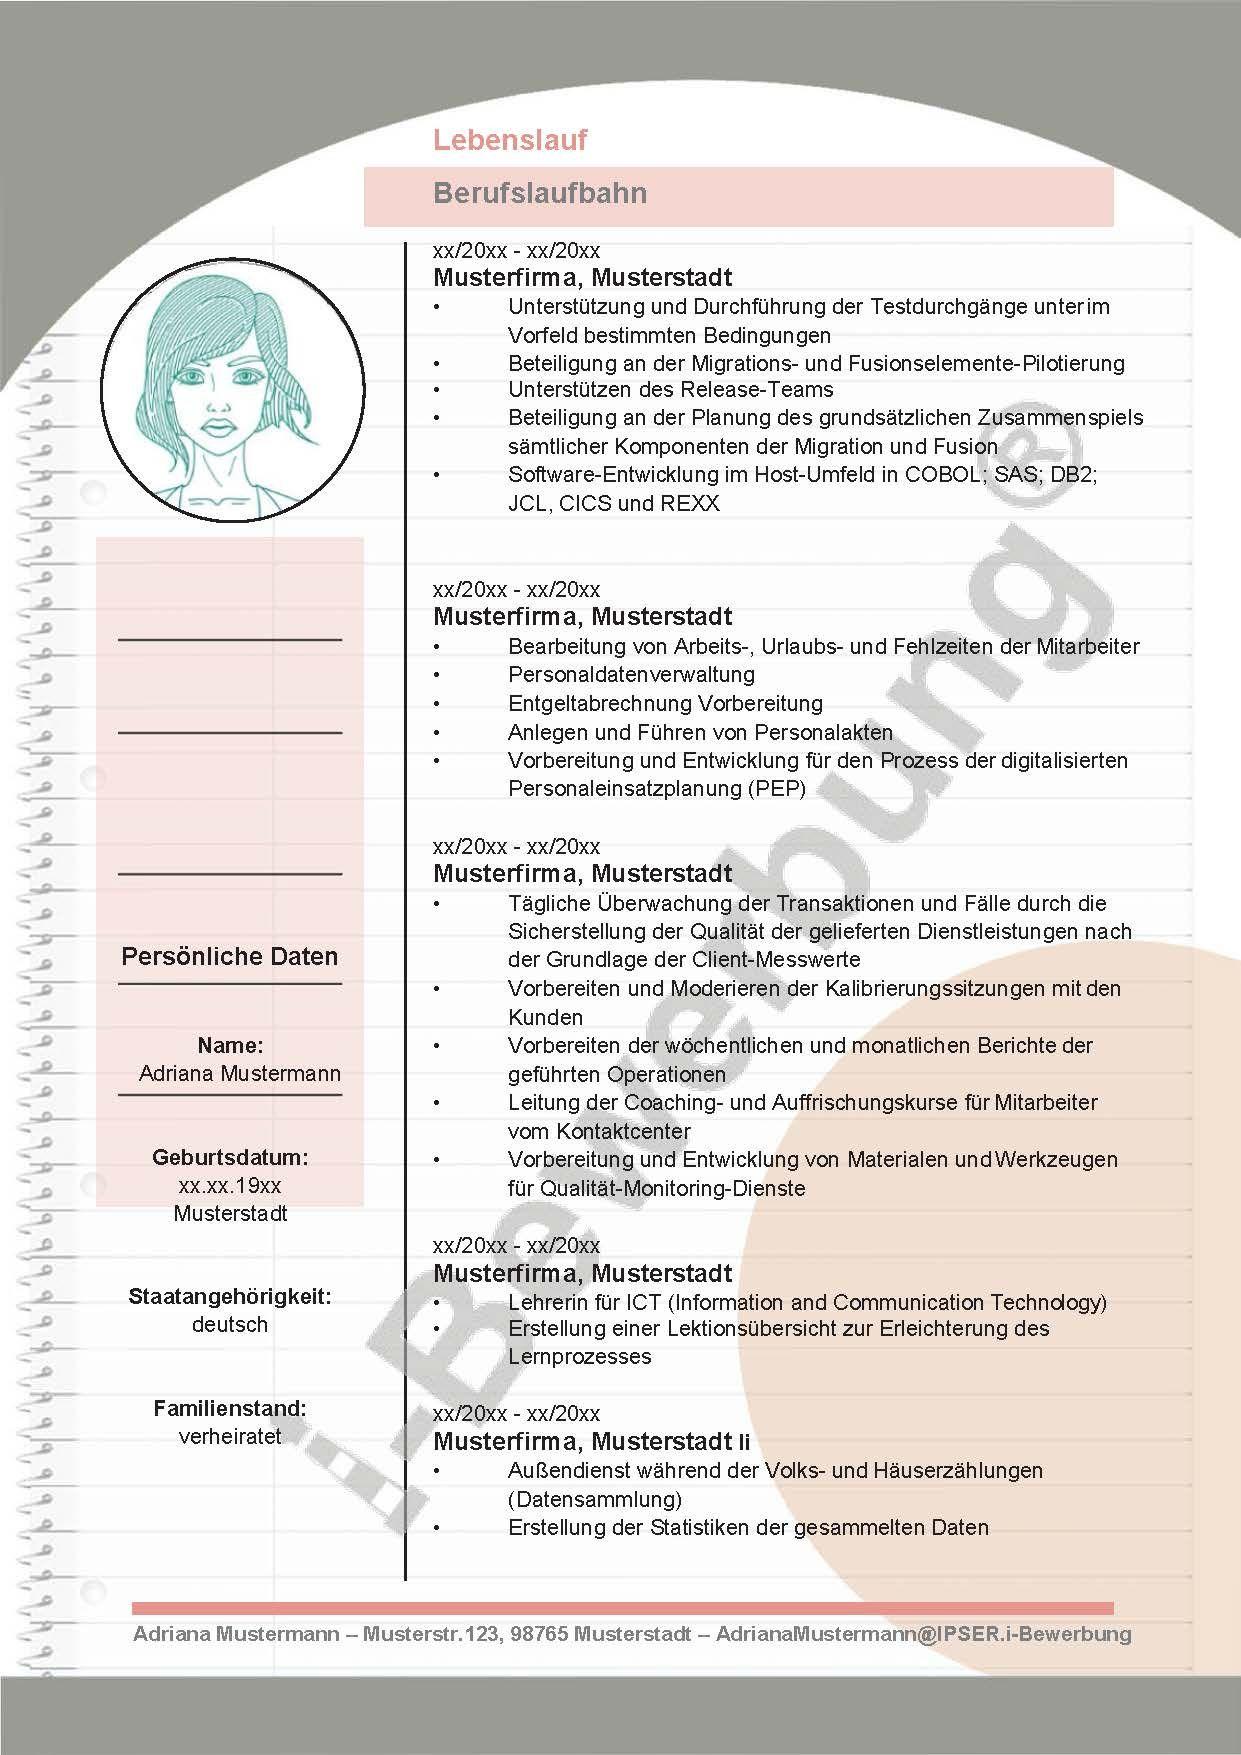 Der Lebenslauf Zur Initiativbewerbung Gestaltung Und Format In 2020 Lebenslauf Lebenslauf Format Lebenslauf Beispiele